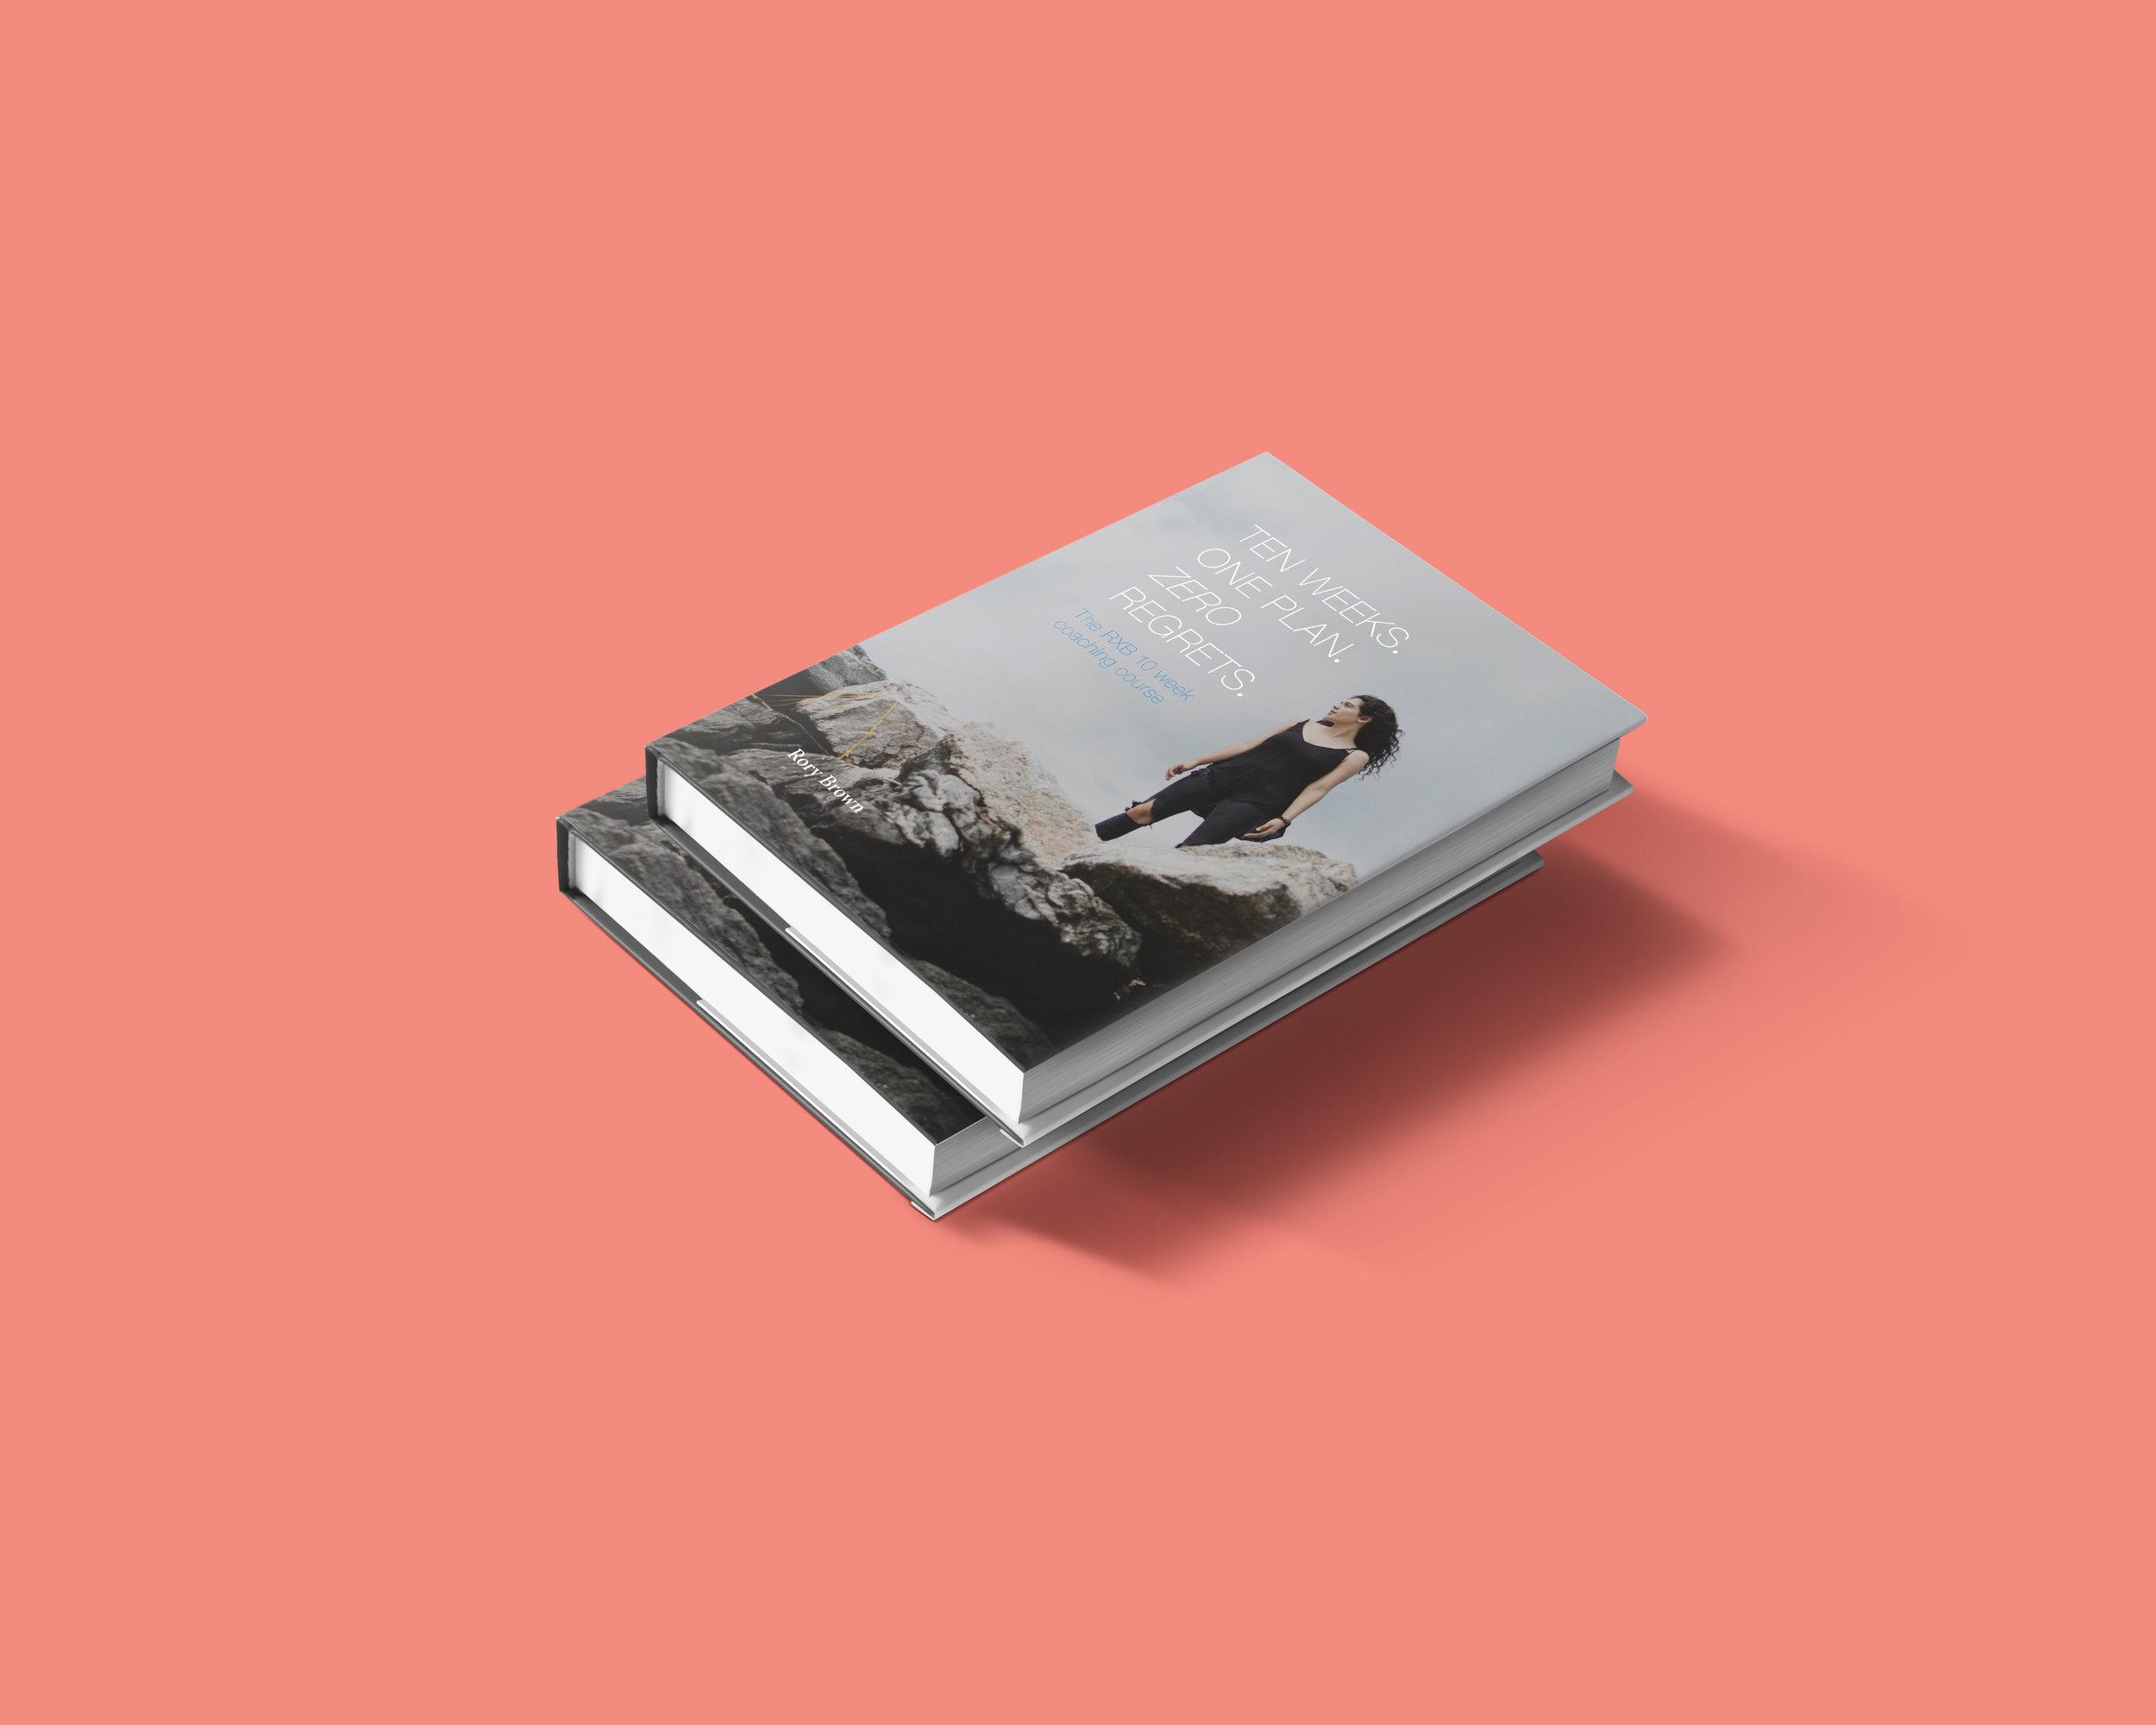 RXB_Book_Pink.jpg